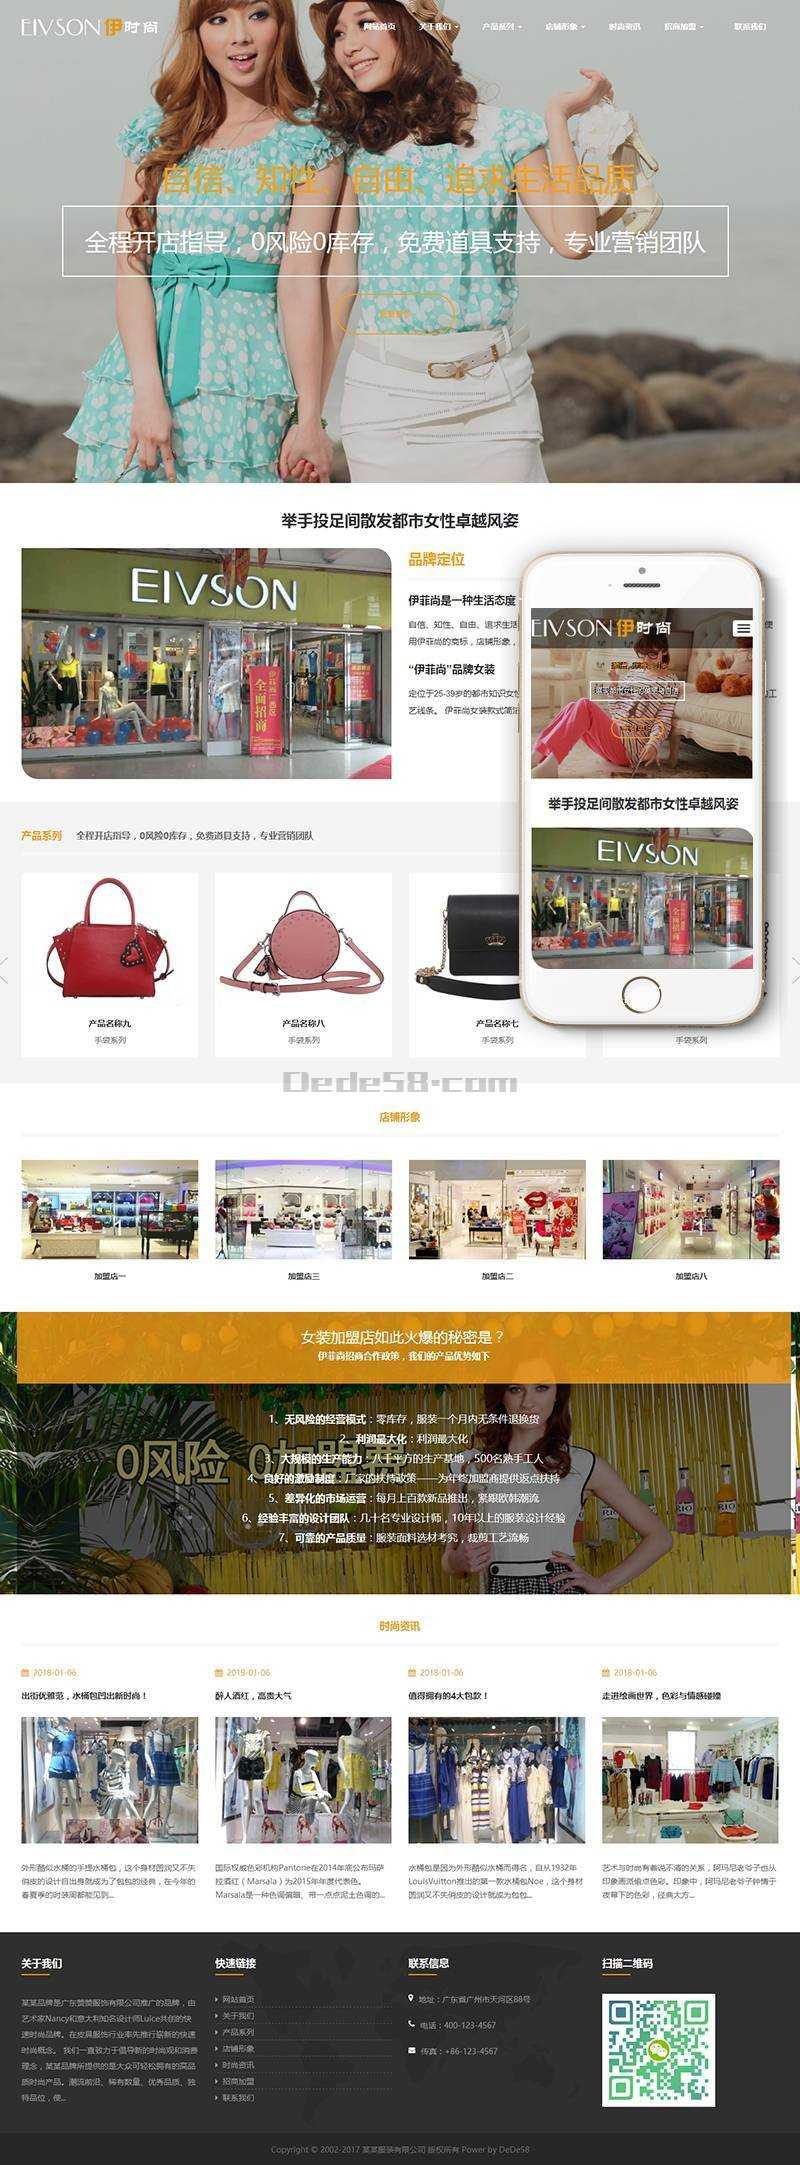 织梦响应式时尚服装展示企业网站织梦模板(自适应手机端)插图